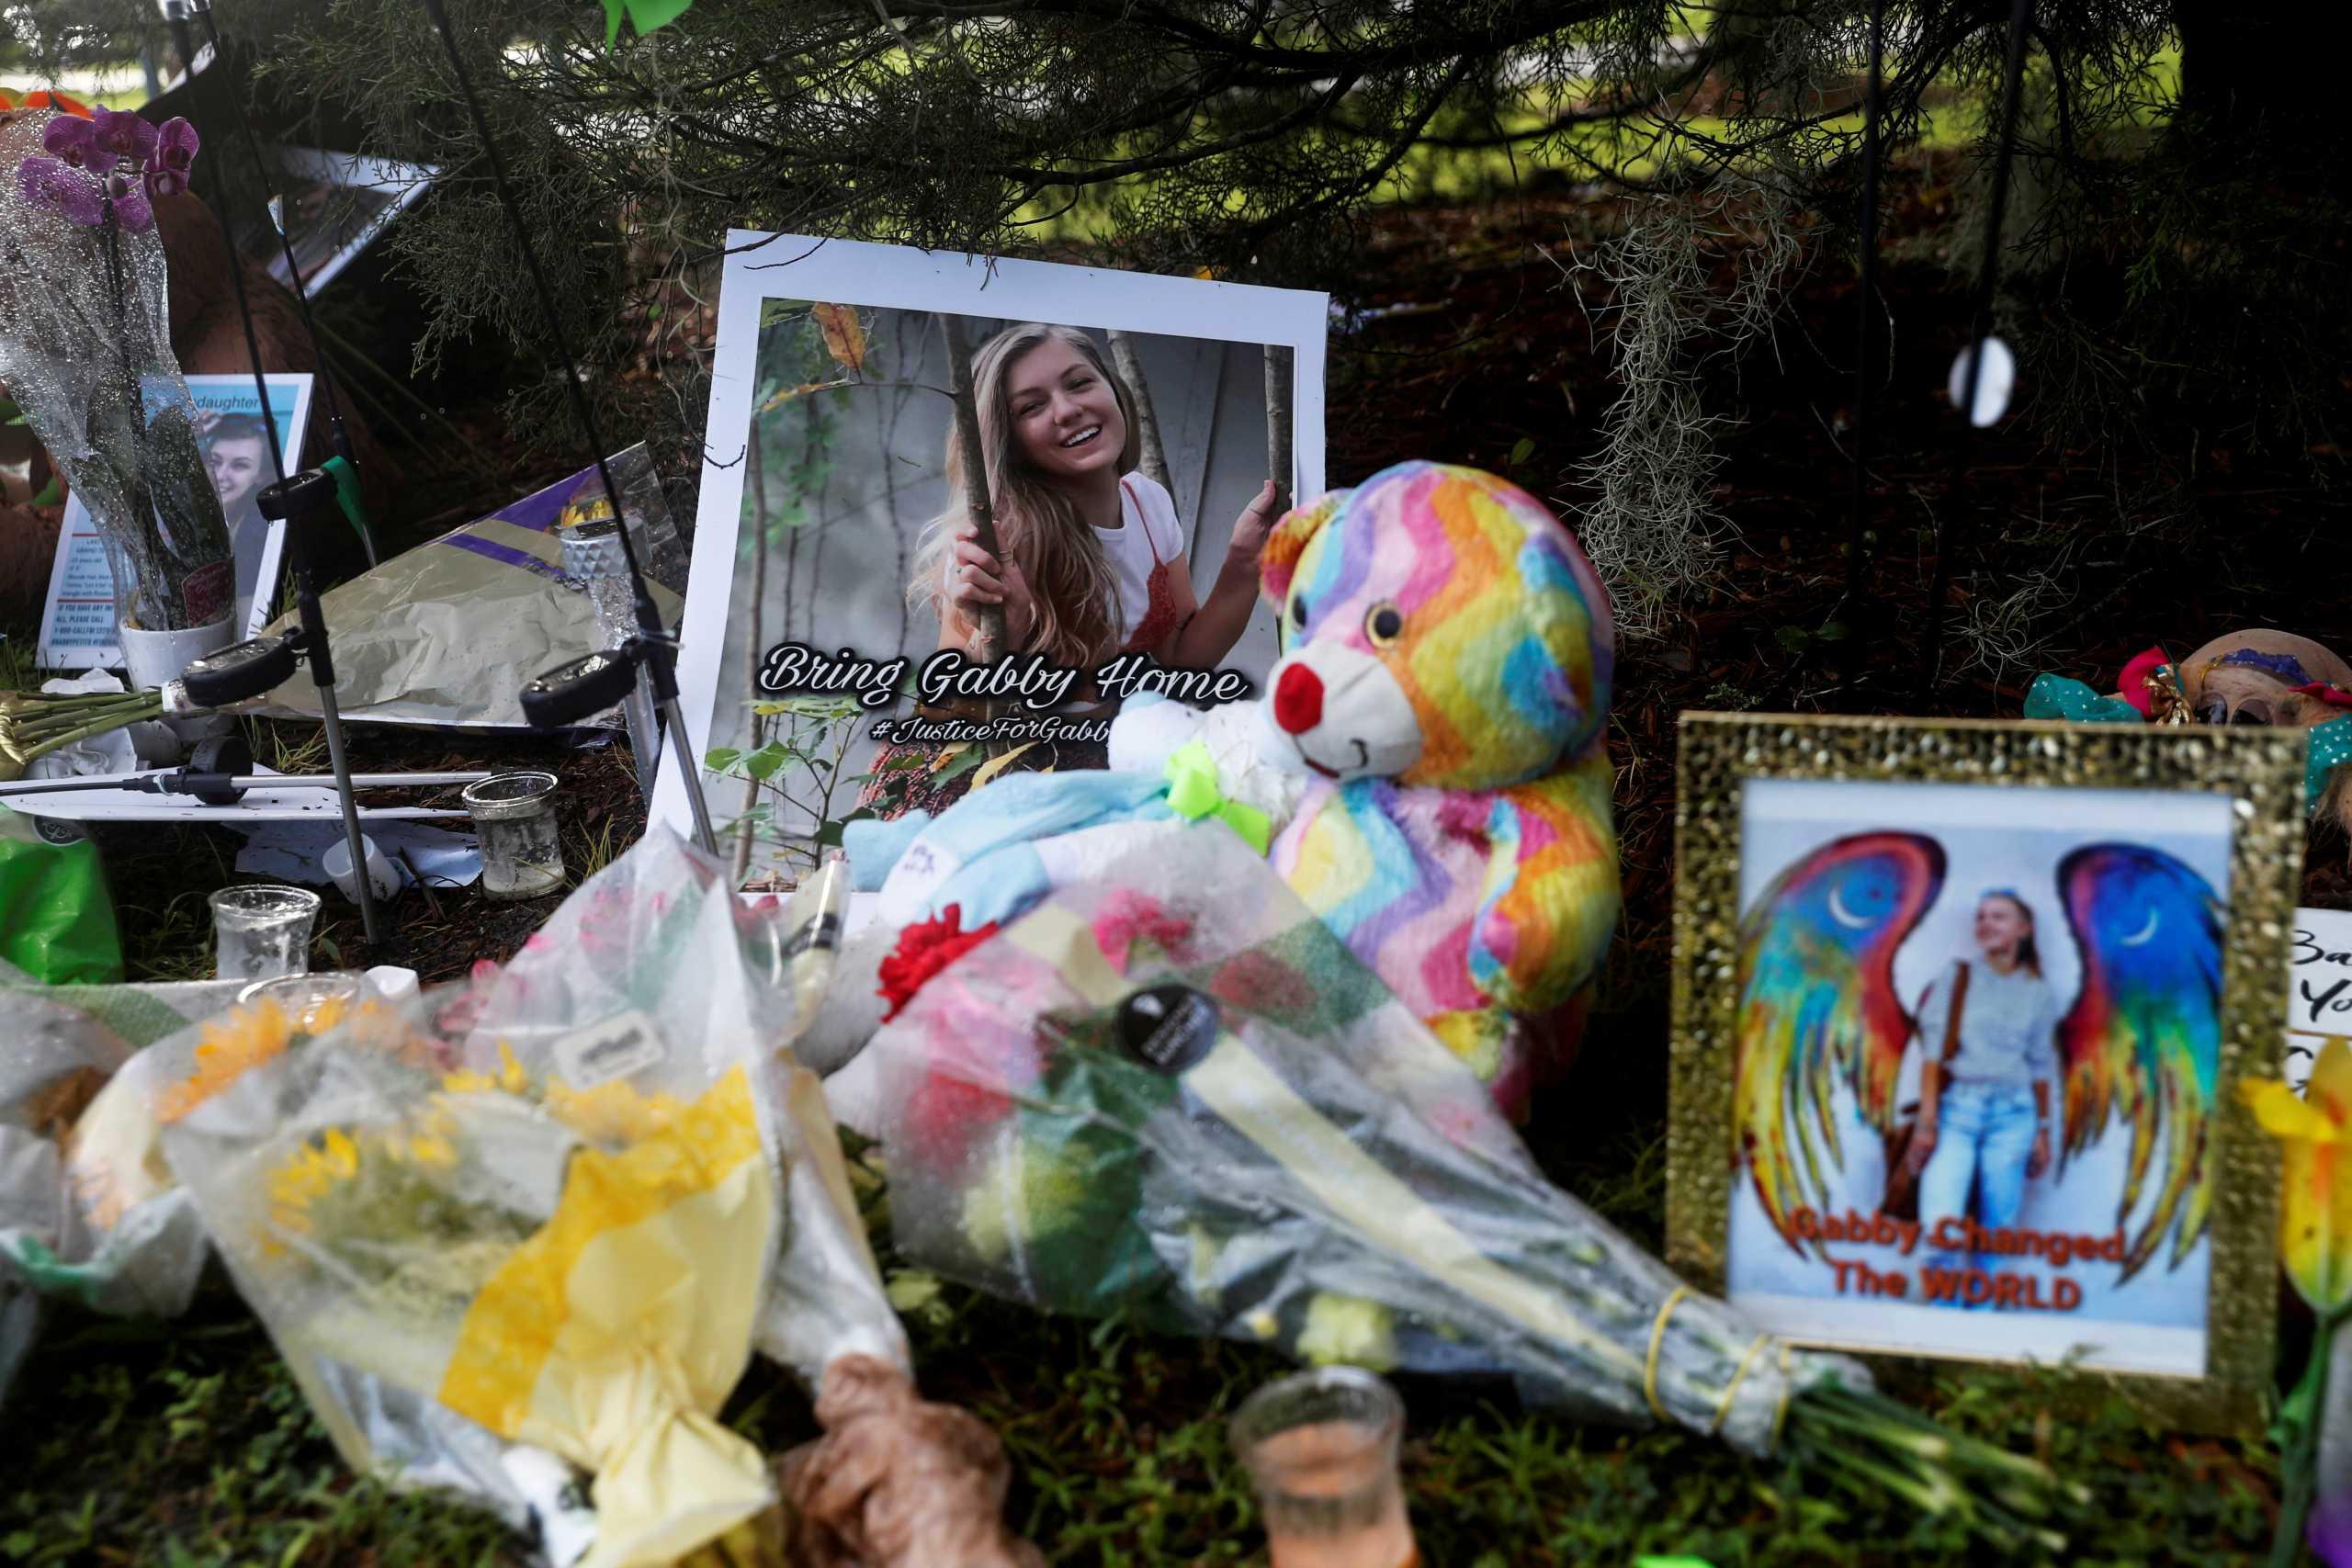 ΗΠΑ – Γκάμπι Πετίτο: Ένταλμα σύλληψης από το FBI για τον 23χρονο αρραβωνιαστικό της